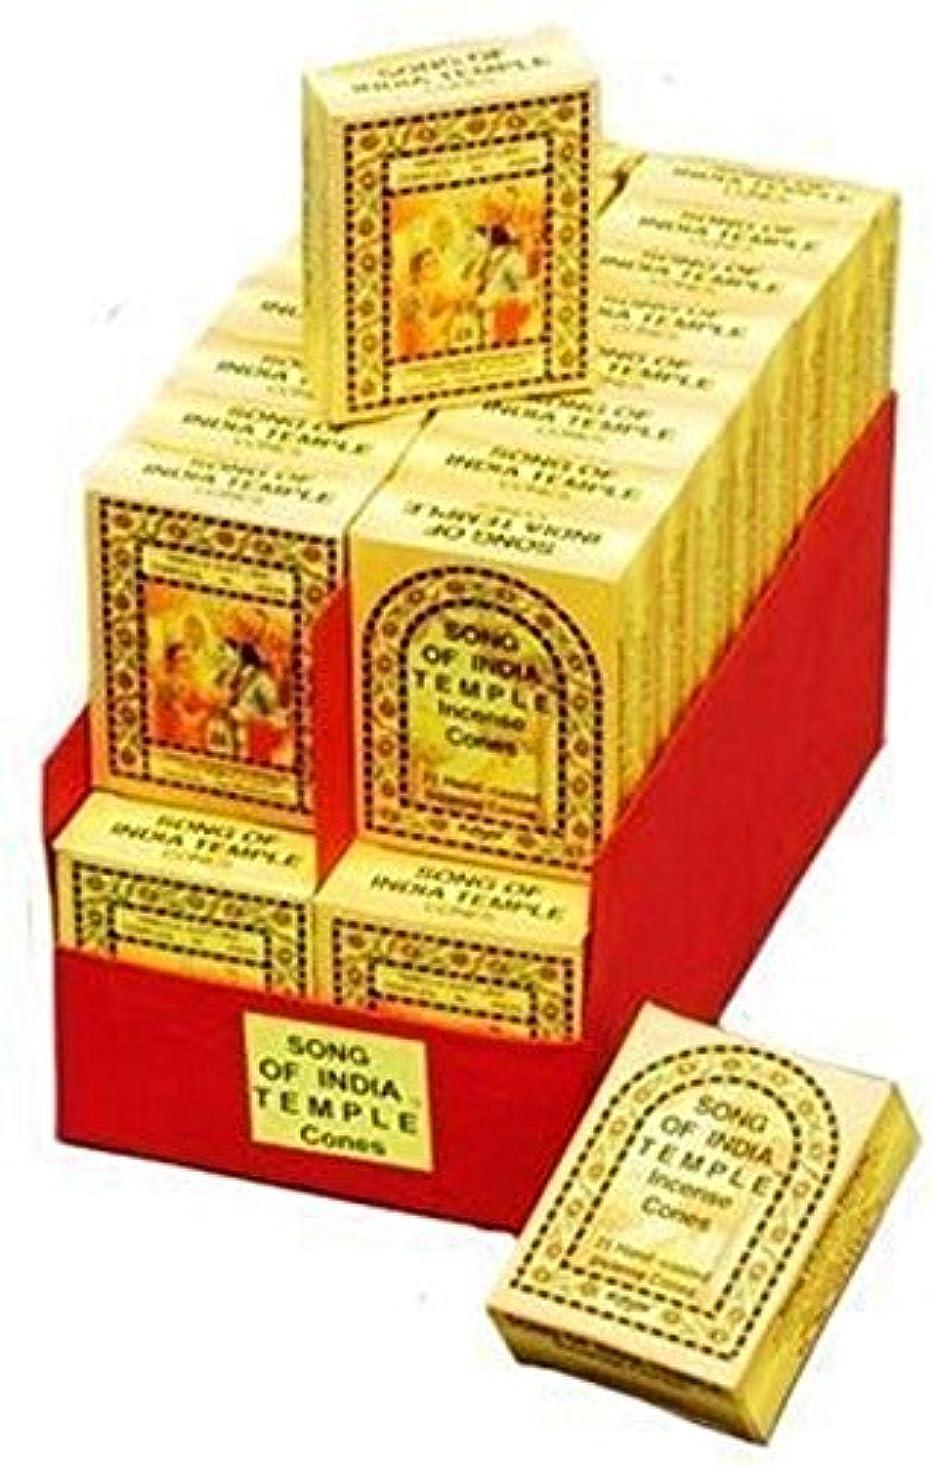 エイズ馬力嫌なSong of India India Temple Incense - Cones - 5 Boxes(25/bx) by Song of India